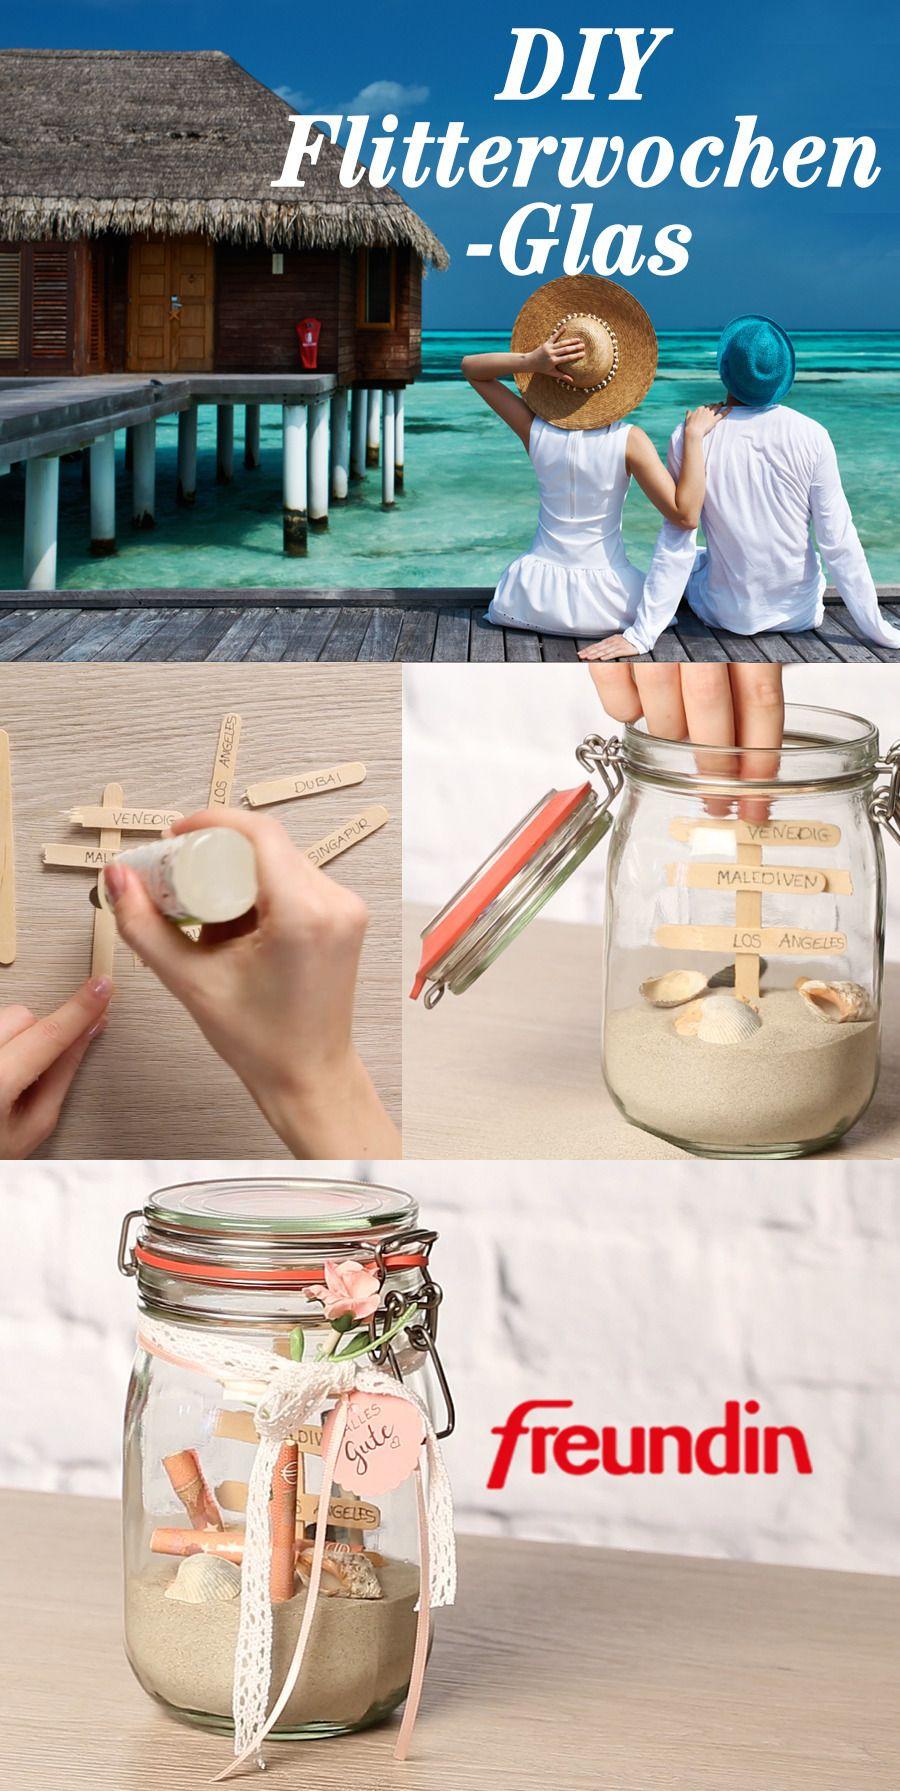 Geldgeschenk zur Hochzeit mal anders: Flitterwochen-Glas | freundin.de